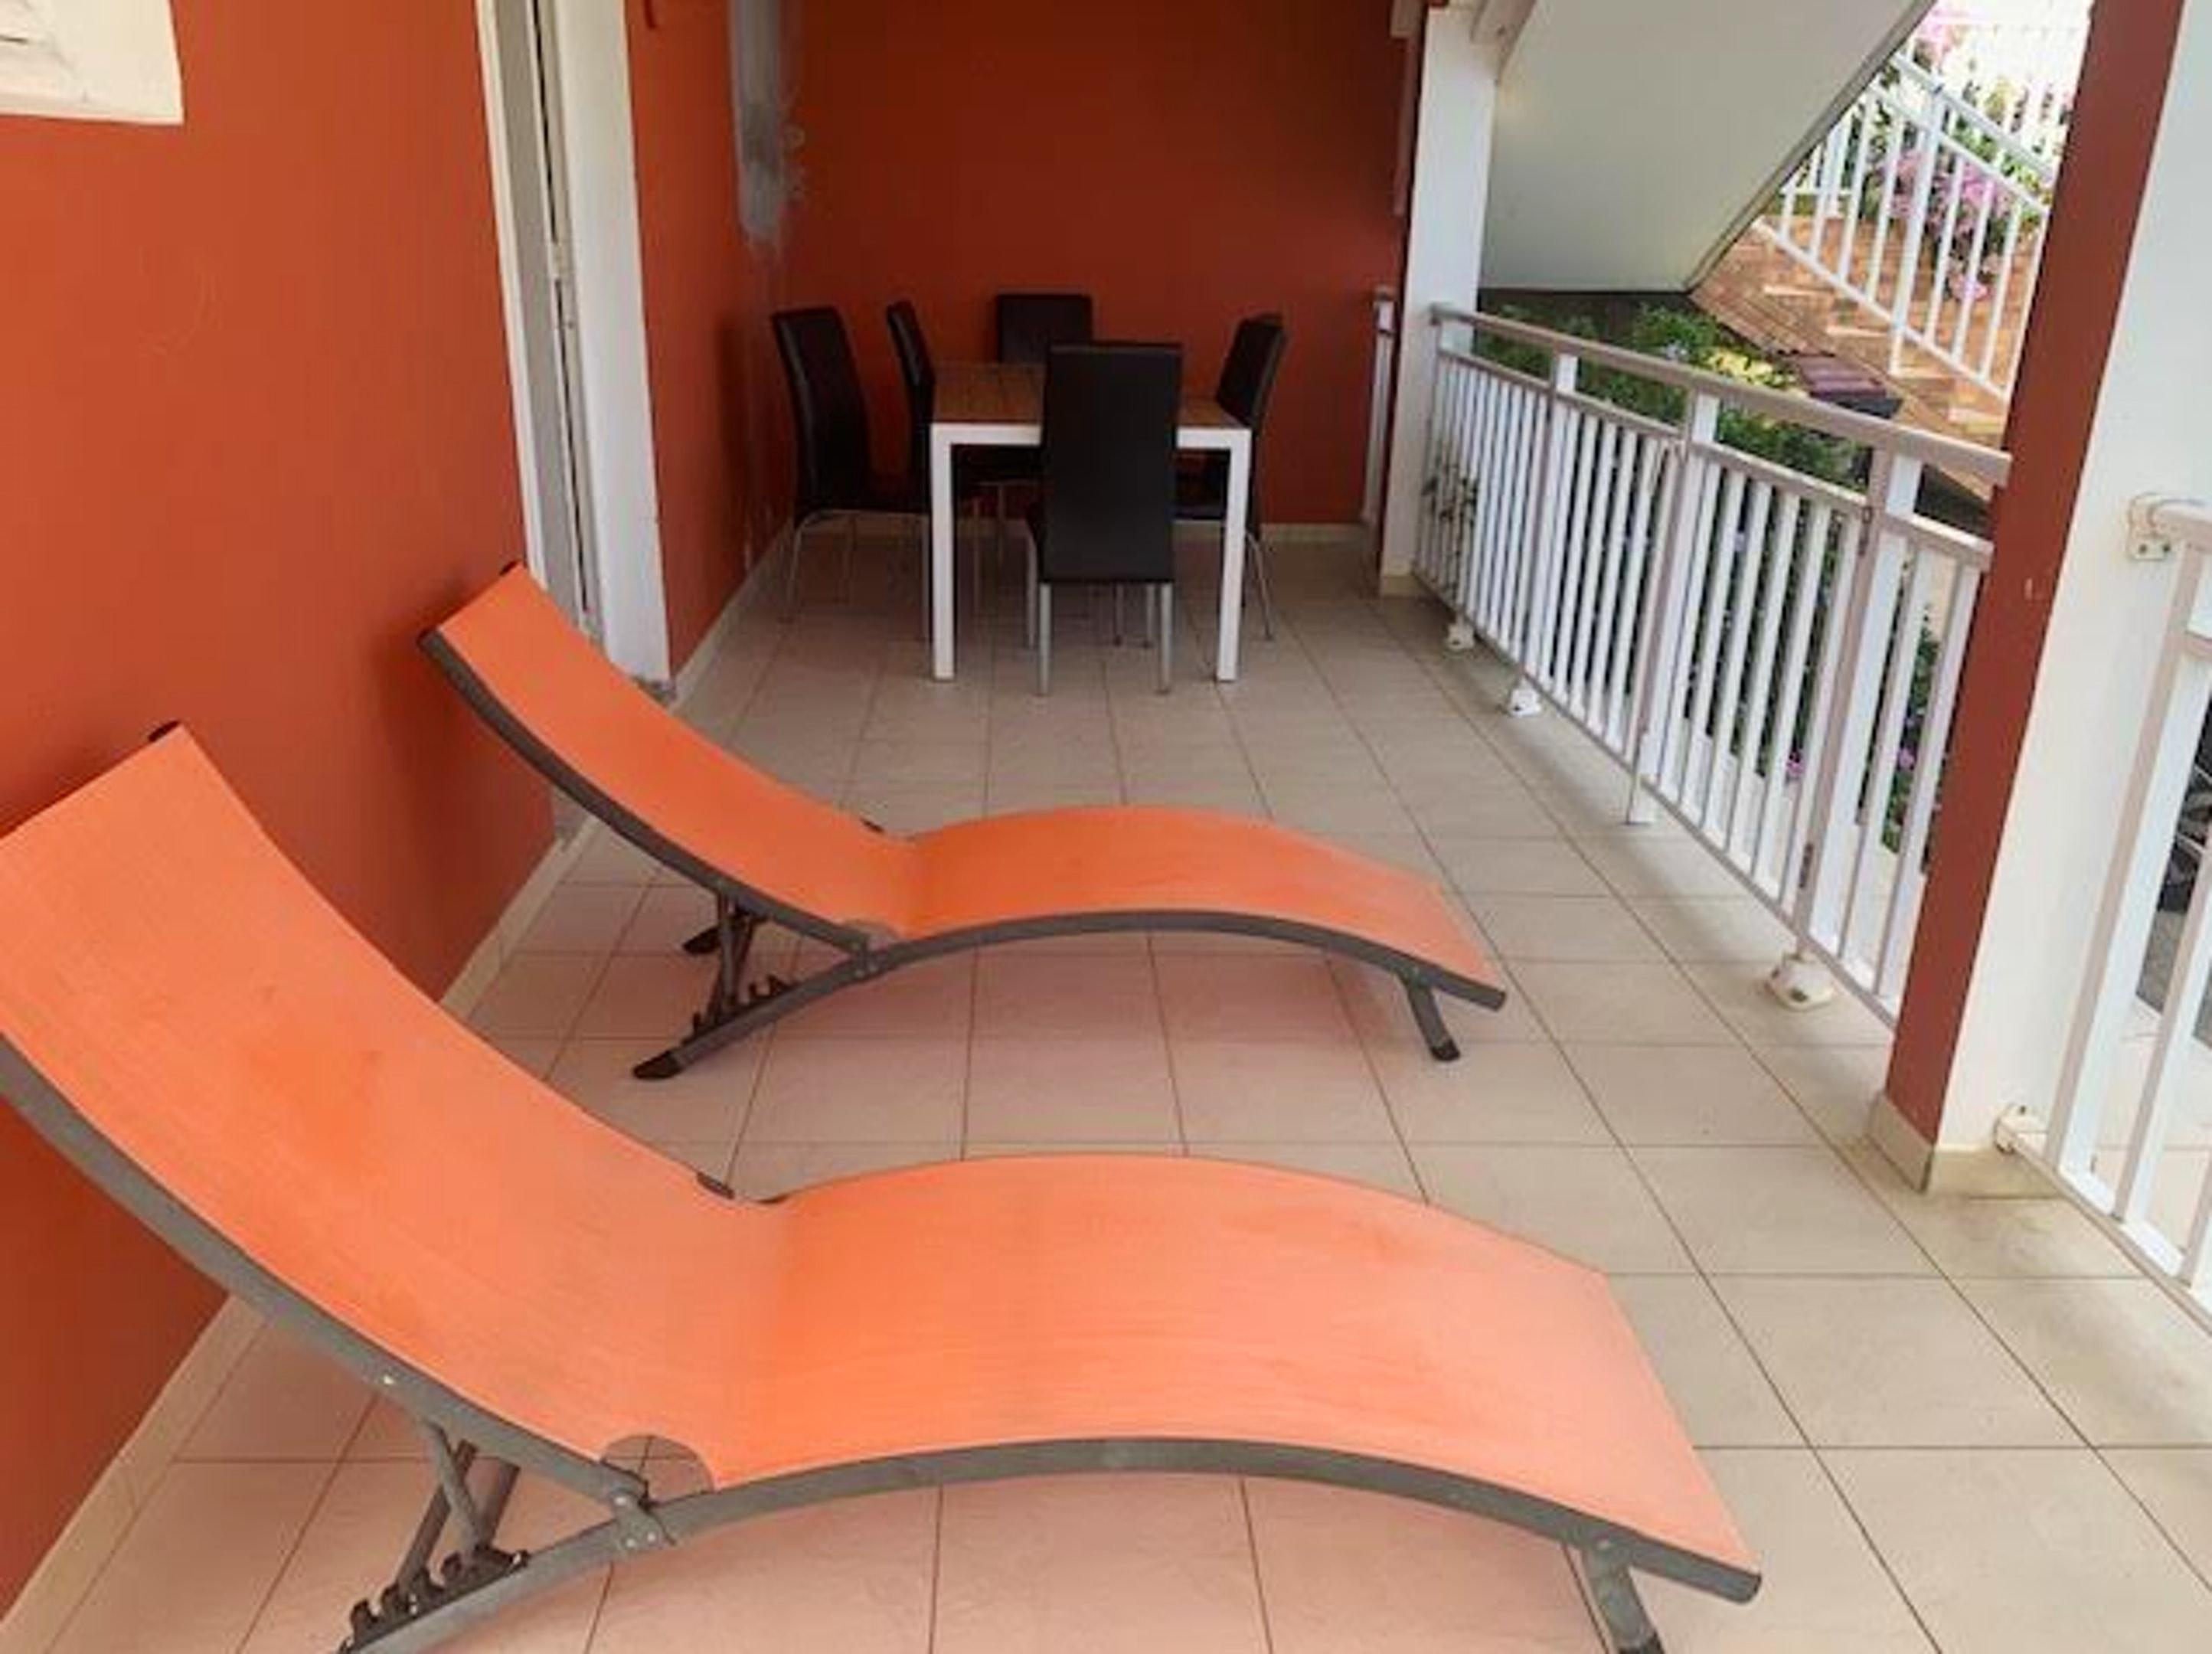 Ferienwohnung Wohnung mit 2 Schlafzimmern in Le Marin mit herrlichem Meerblick, eingezäuntem Garten und  (2732957), Le Marin, Le Marin, Martinique, Karibische Inseln, Bild 2